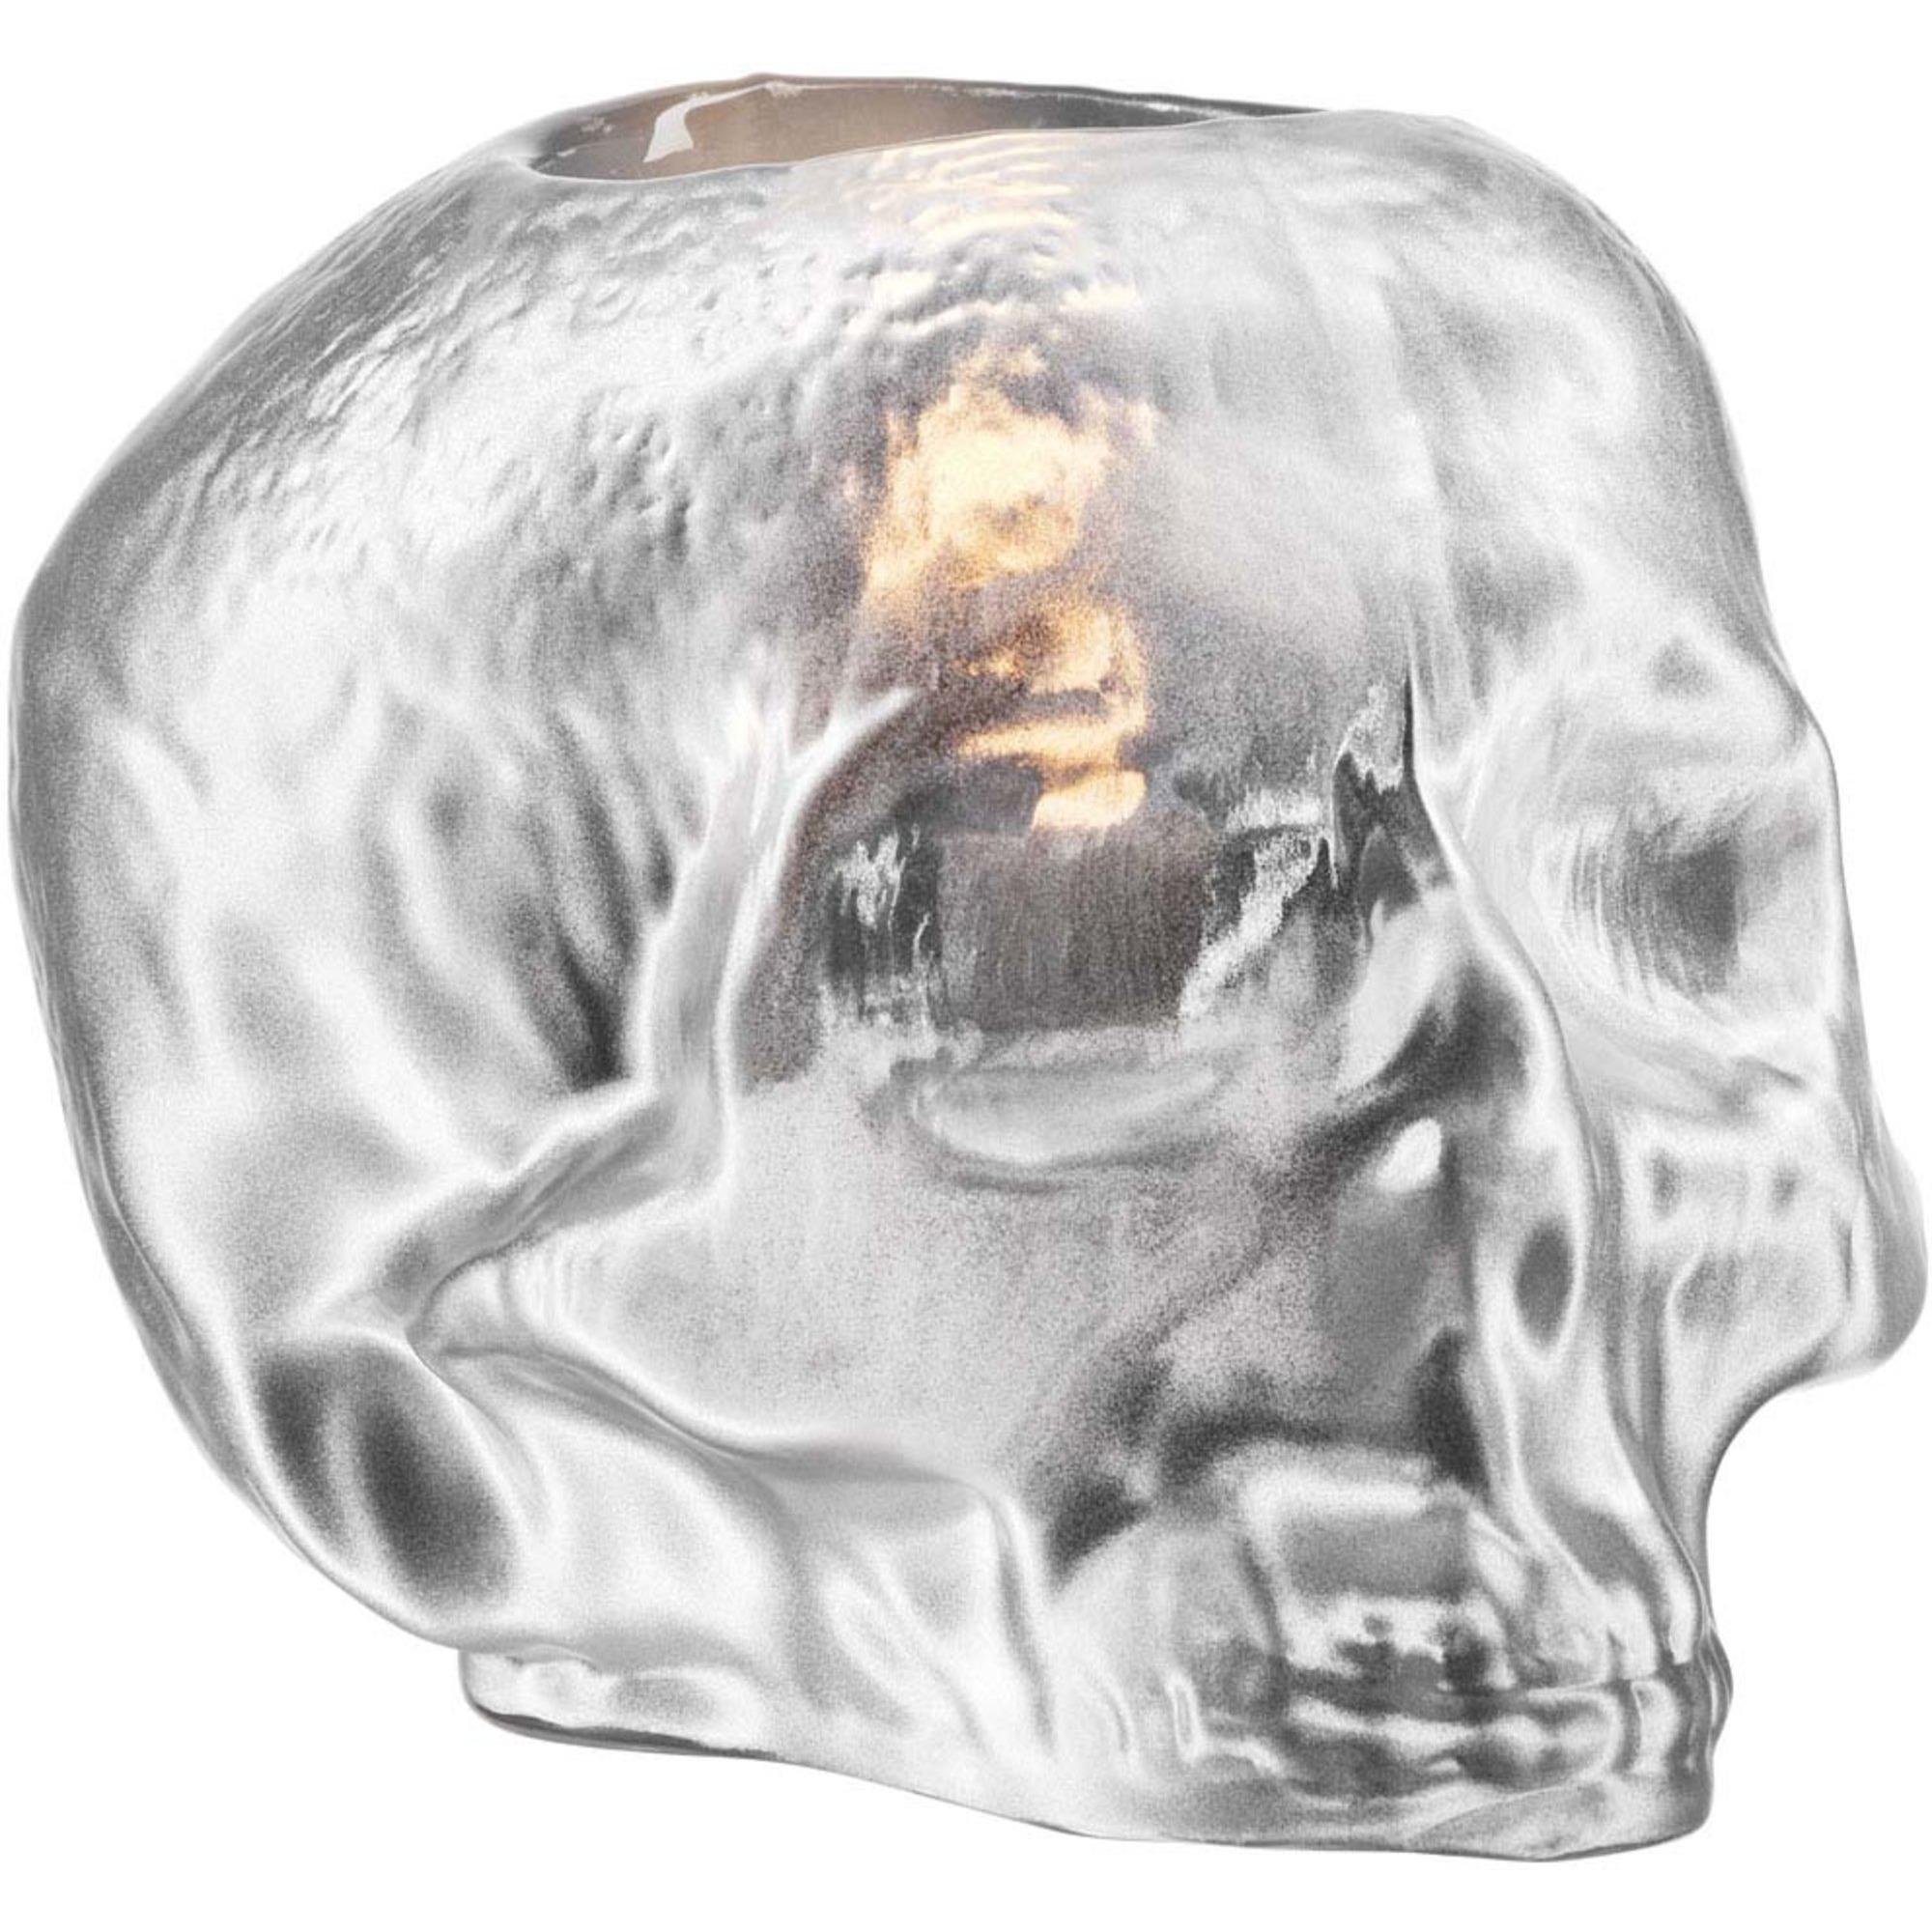 Kosta Boda Still Life Skull Ljuslykta Silver